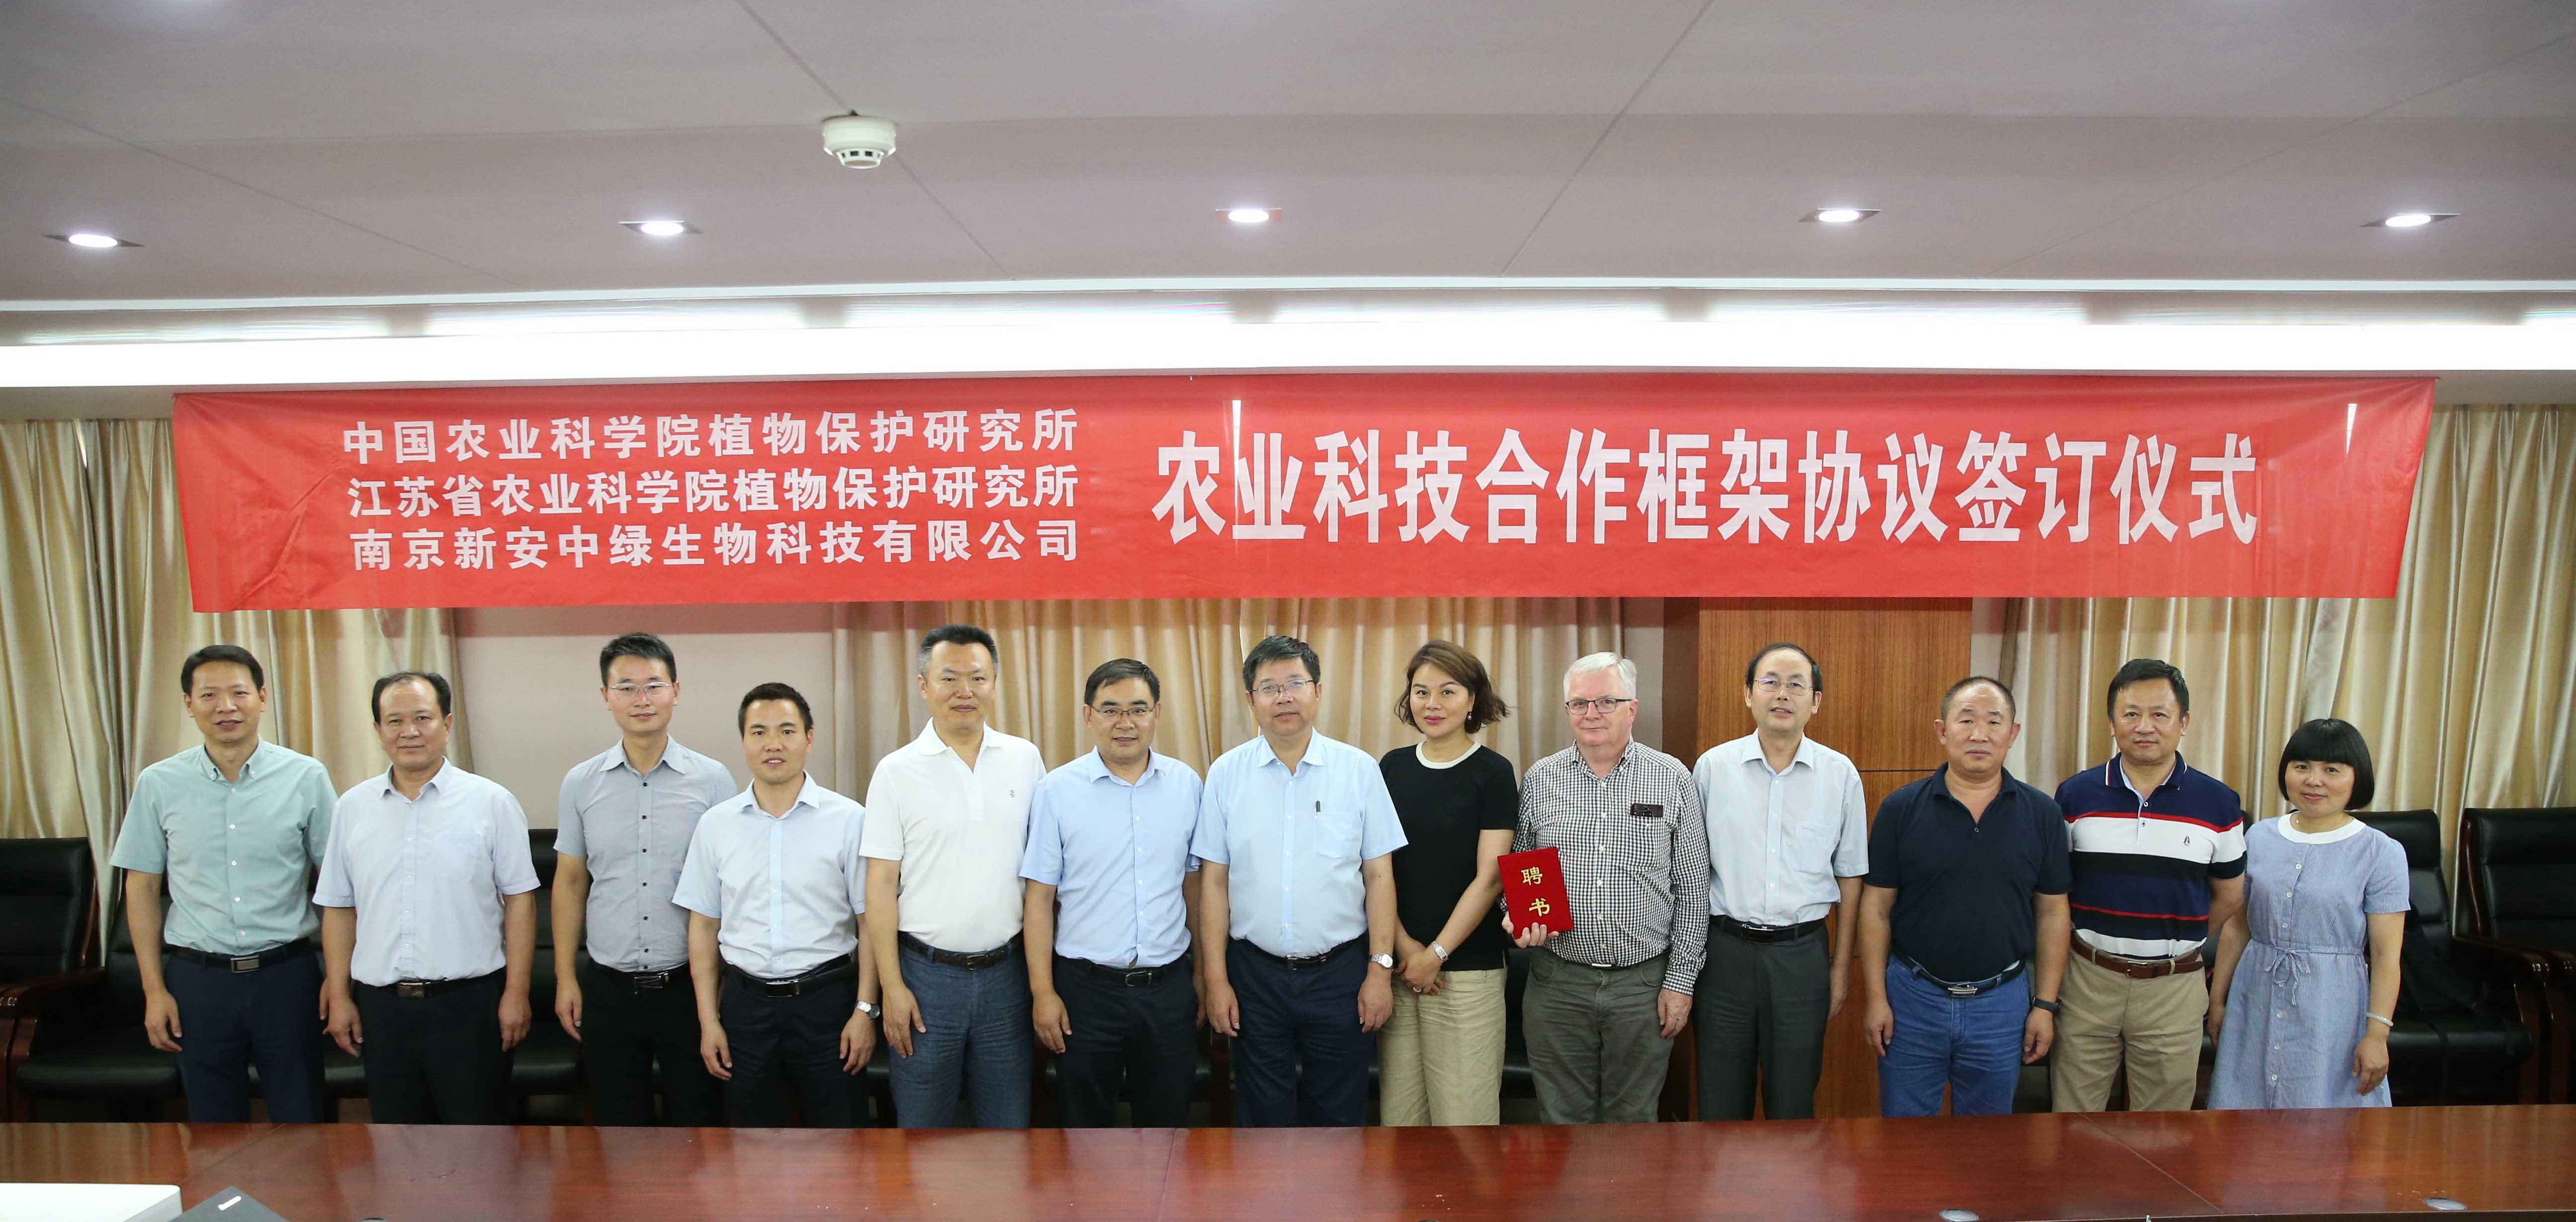 农业科技战略合作框架协议签订仪式在我院成功举行